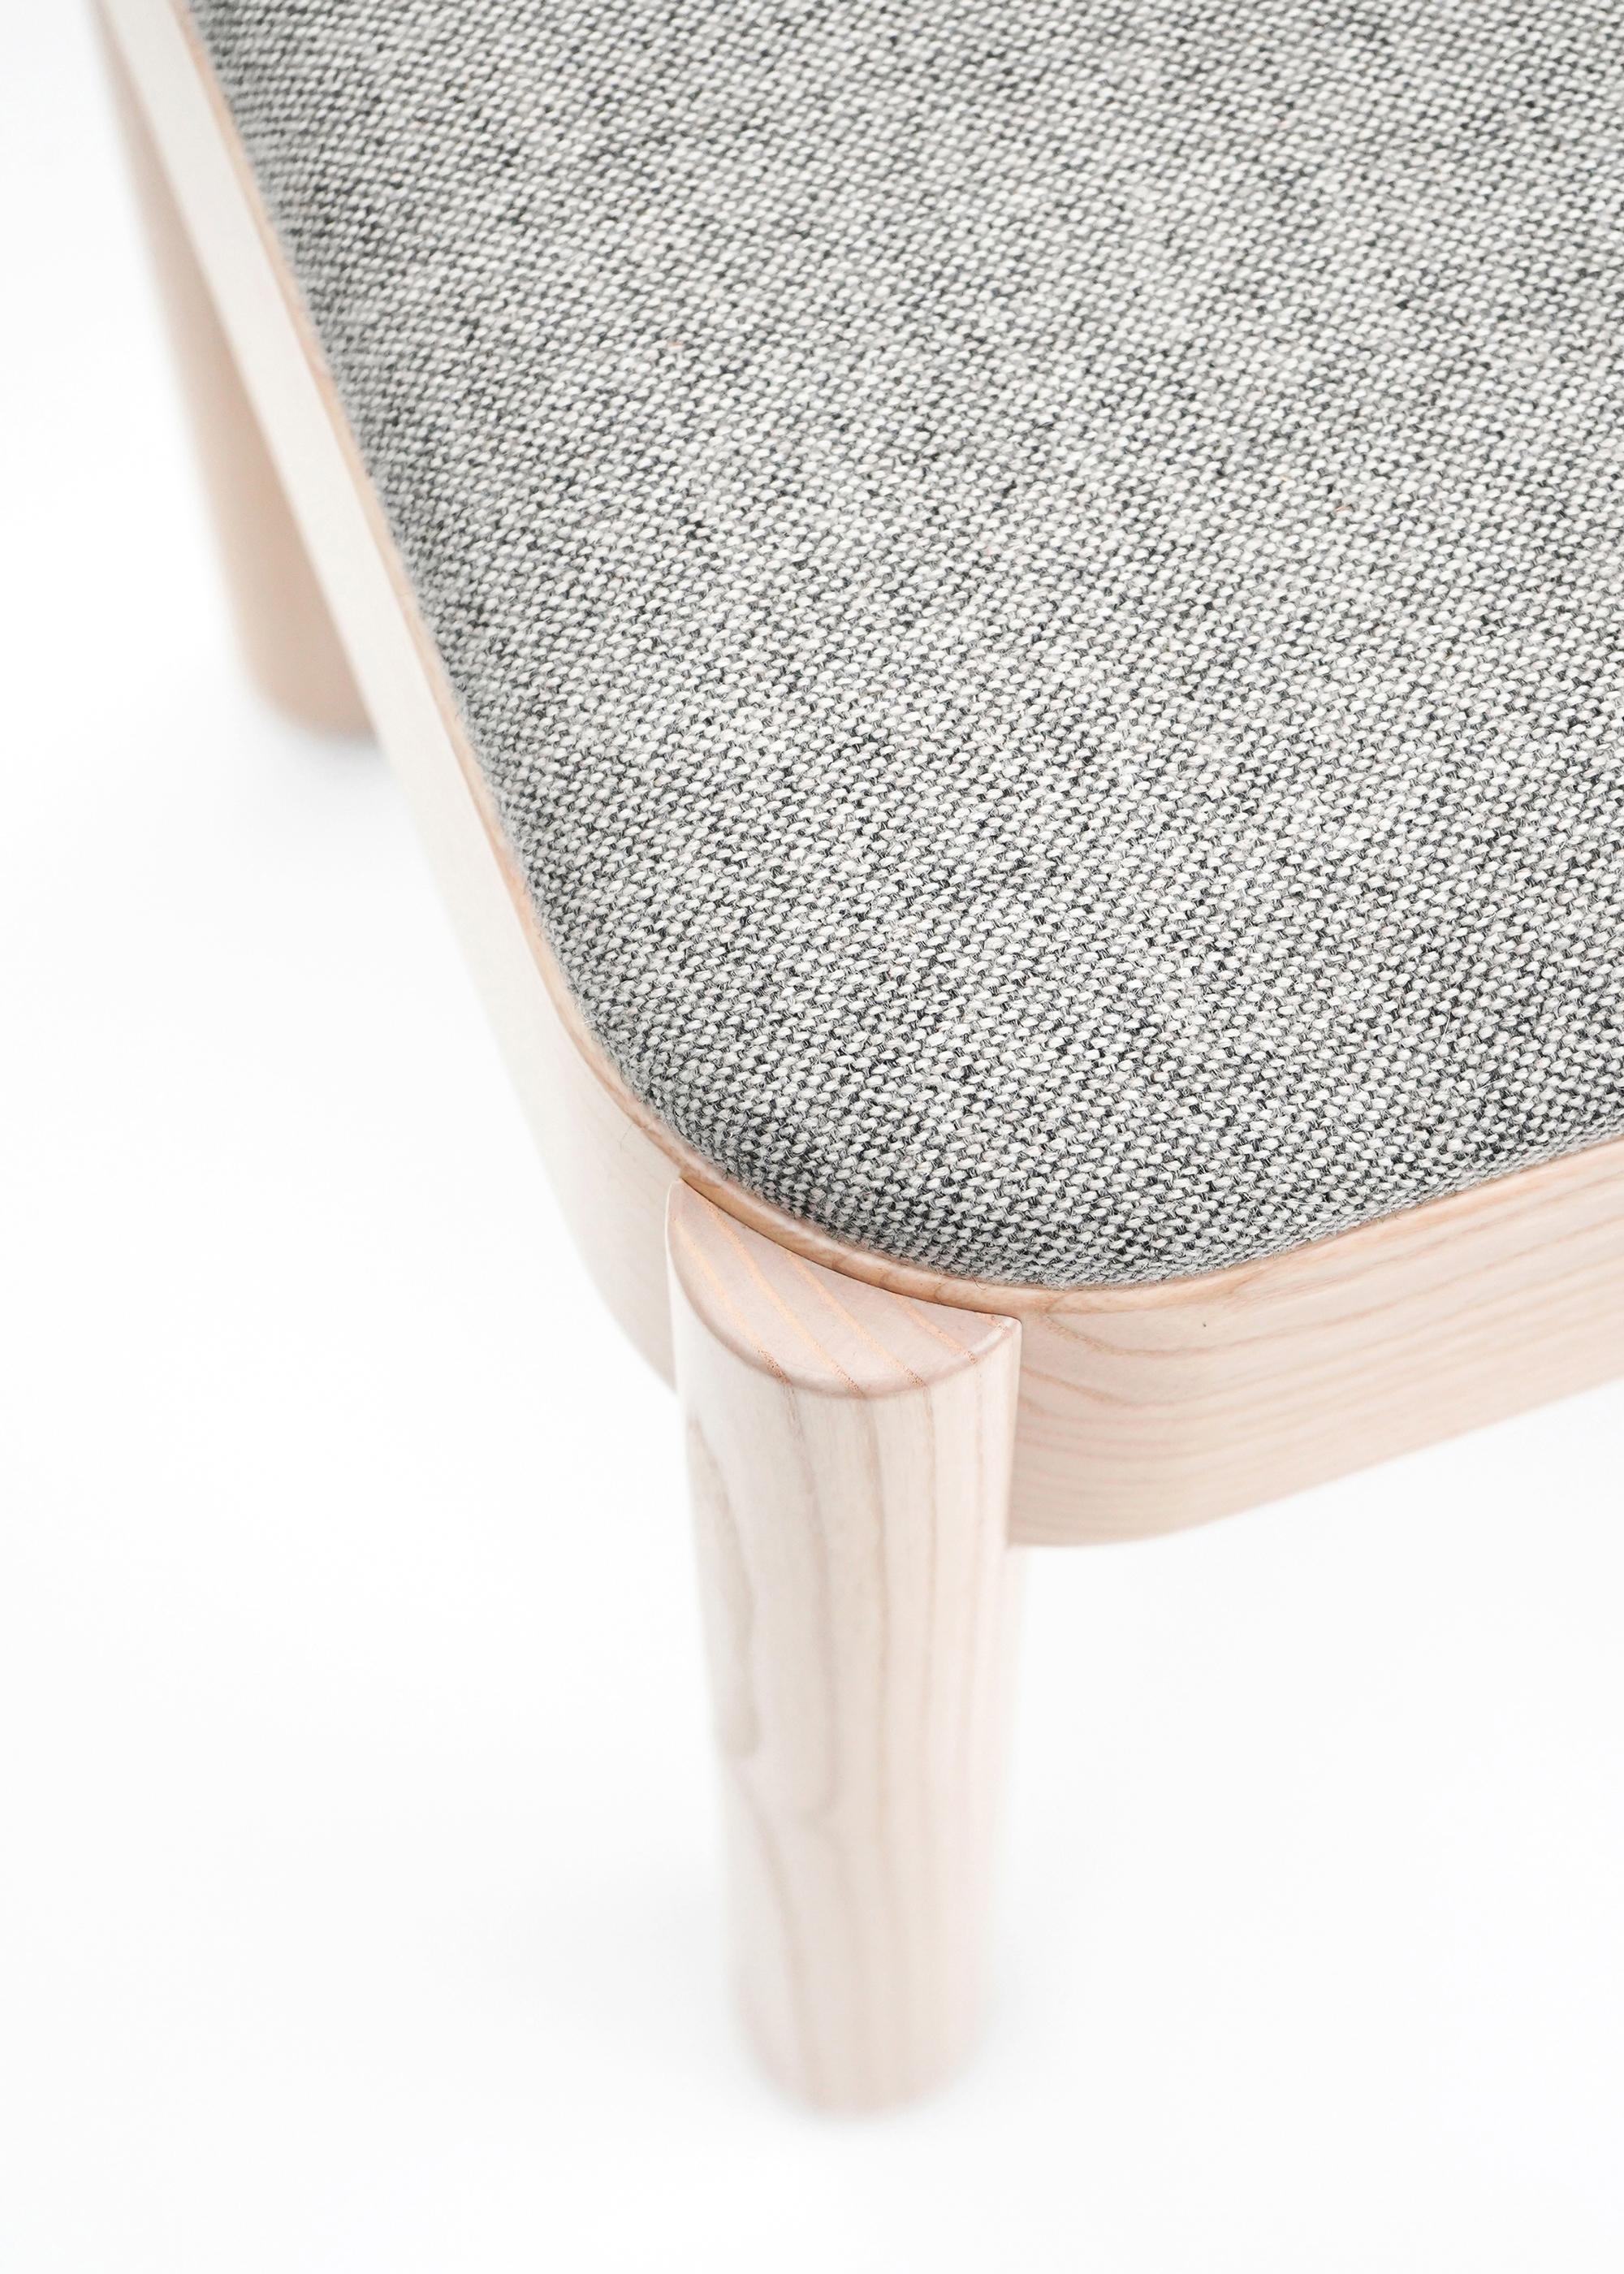 Wakufuru_Design Johan Kauppi for Glimakra of Sweden_